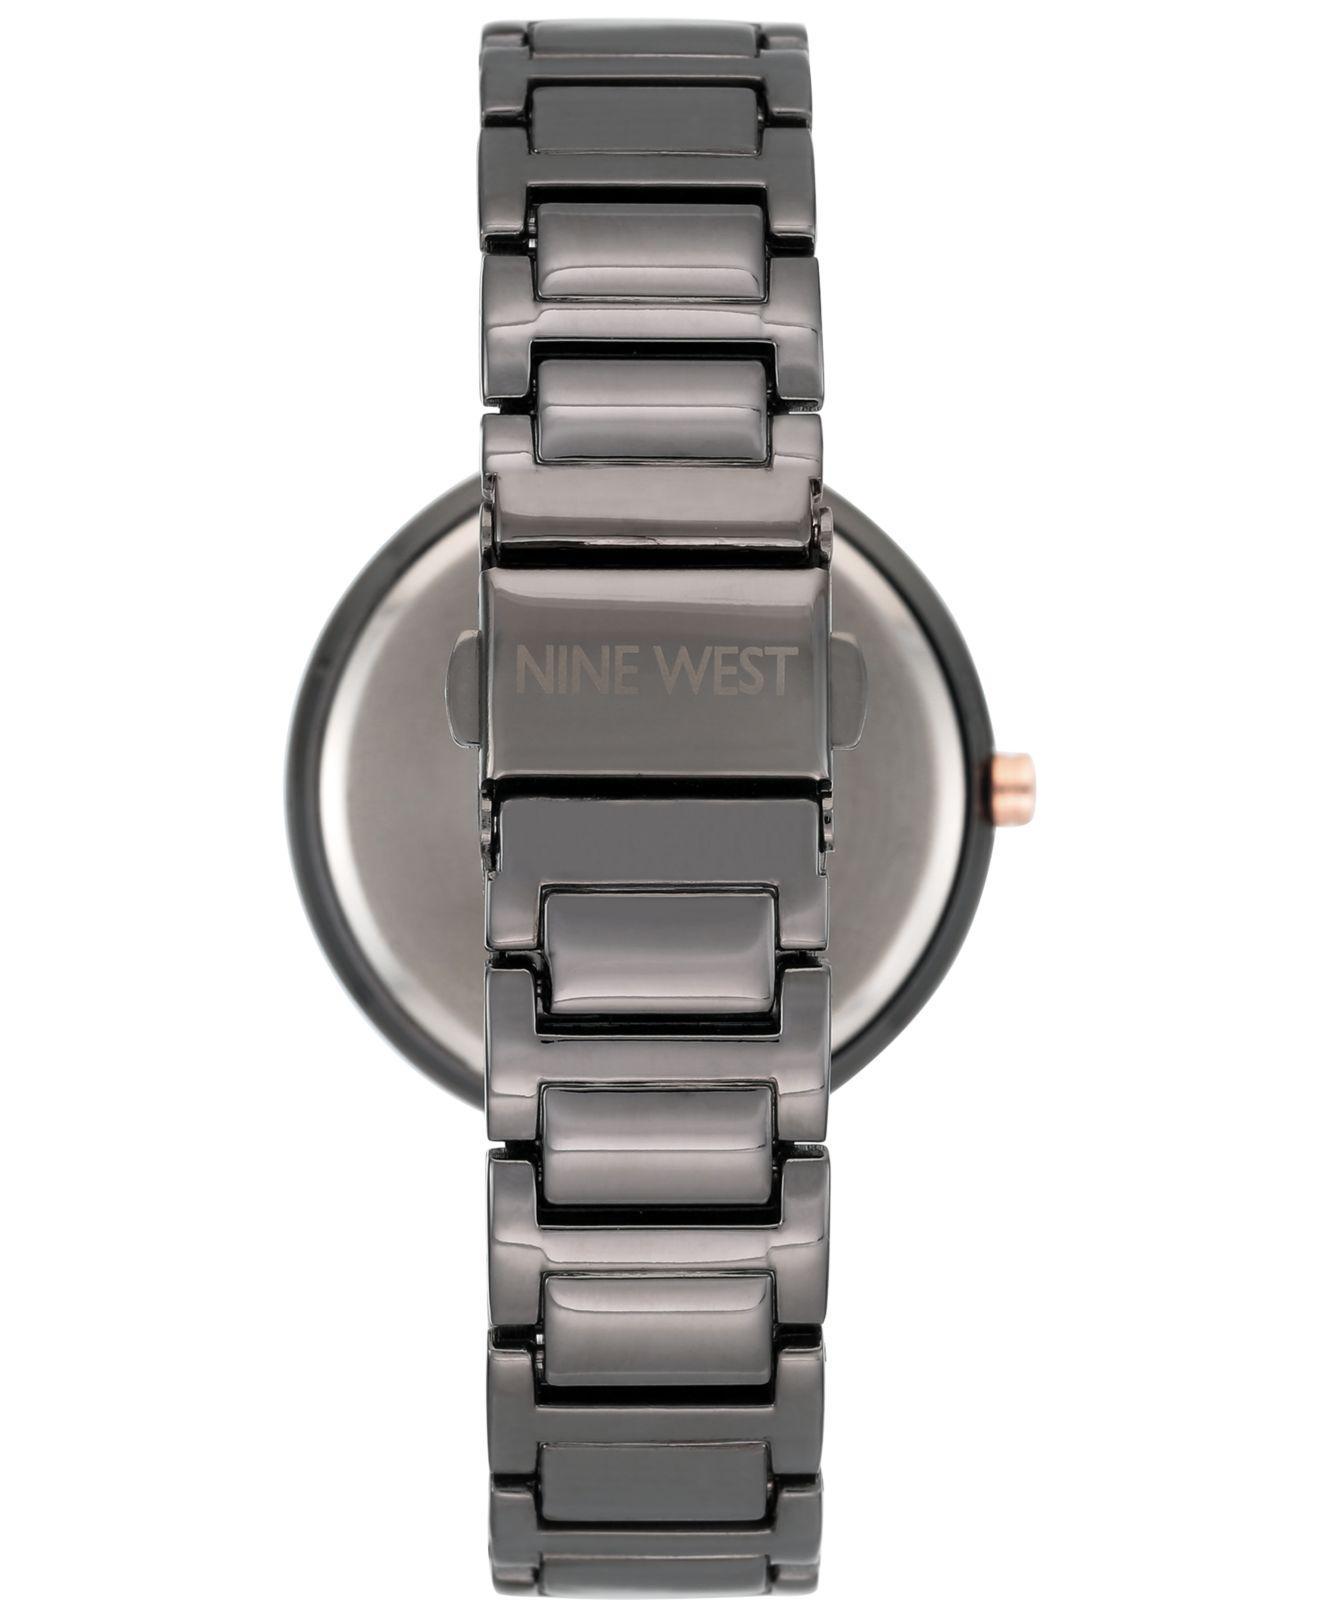 Lyst - Nine West Women s Gunmetal Bracelet Watch 36mm Nw-1893gnrt in ... edce6a3e33